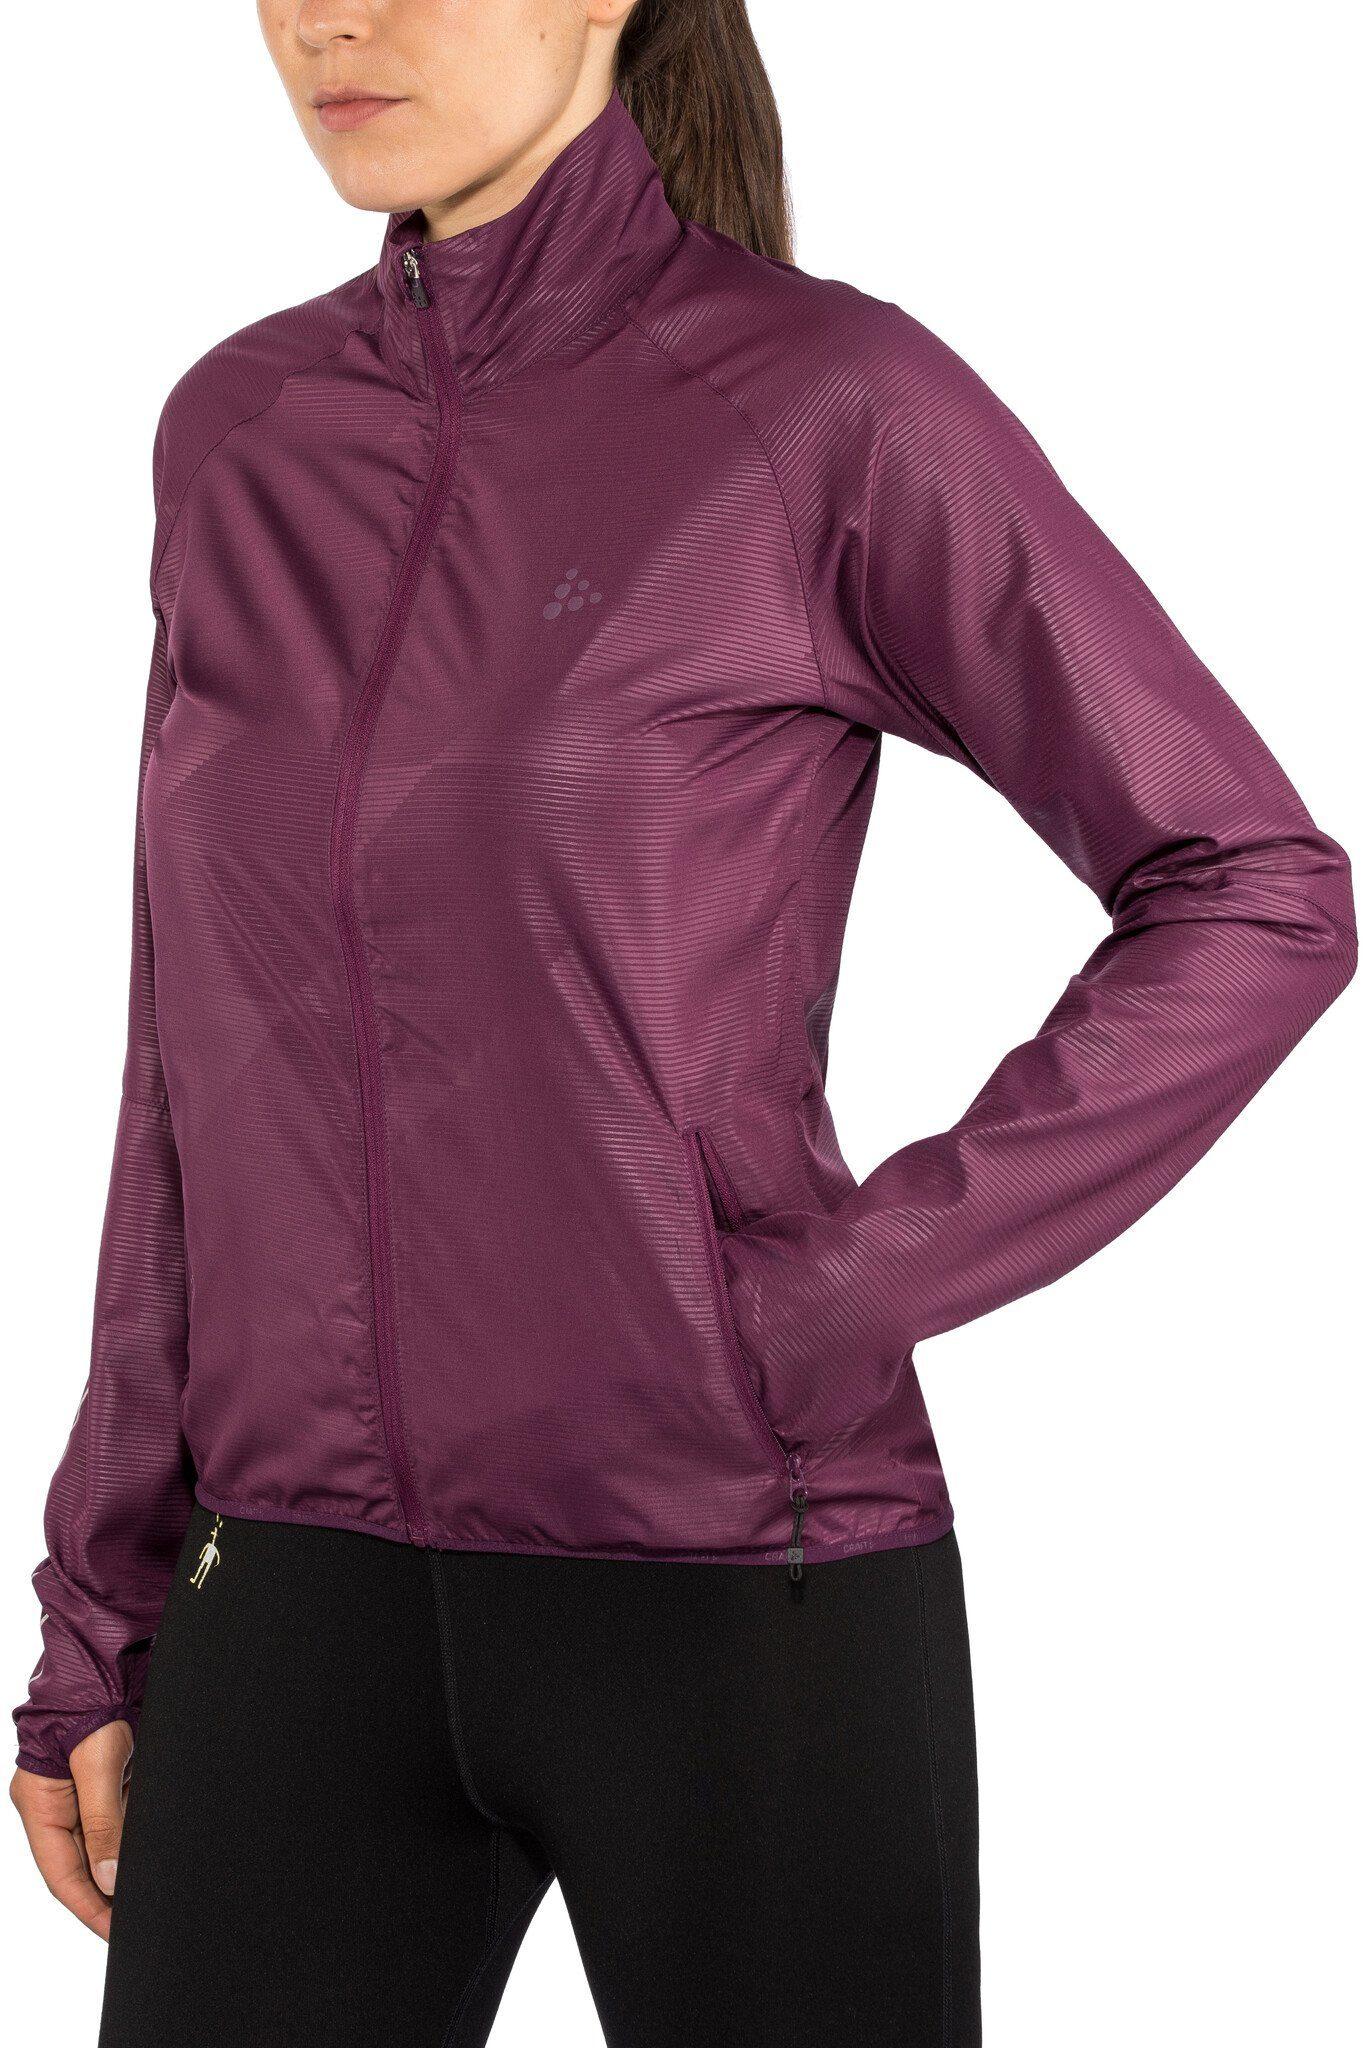 Craft Trainingsjacke »Eaze Jacket Damen«, schnelltrocknendes Innenmaterial online kaufen   OTTO